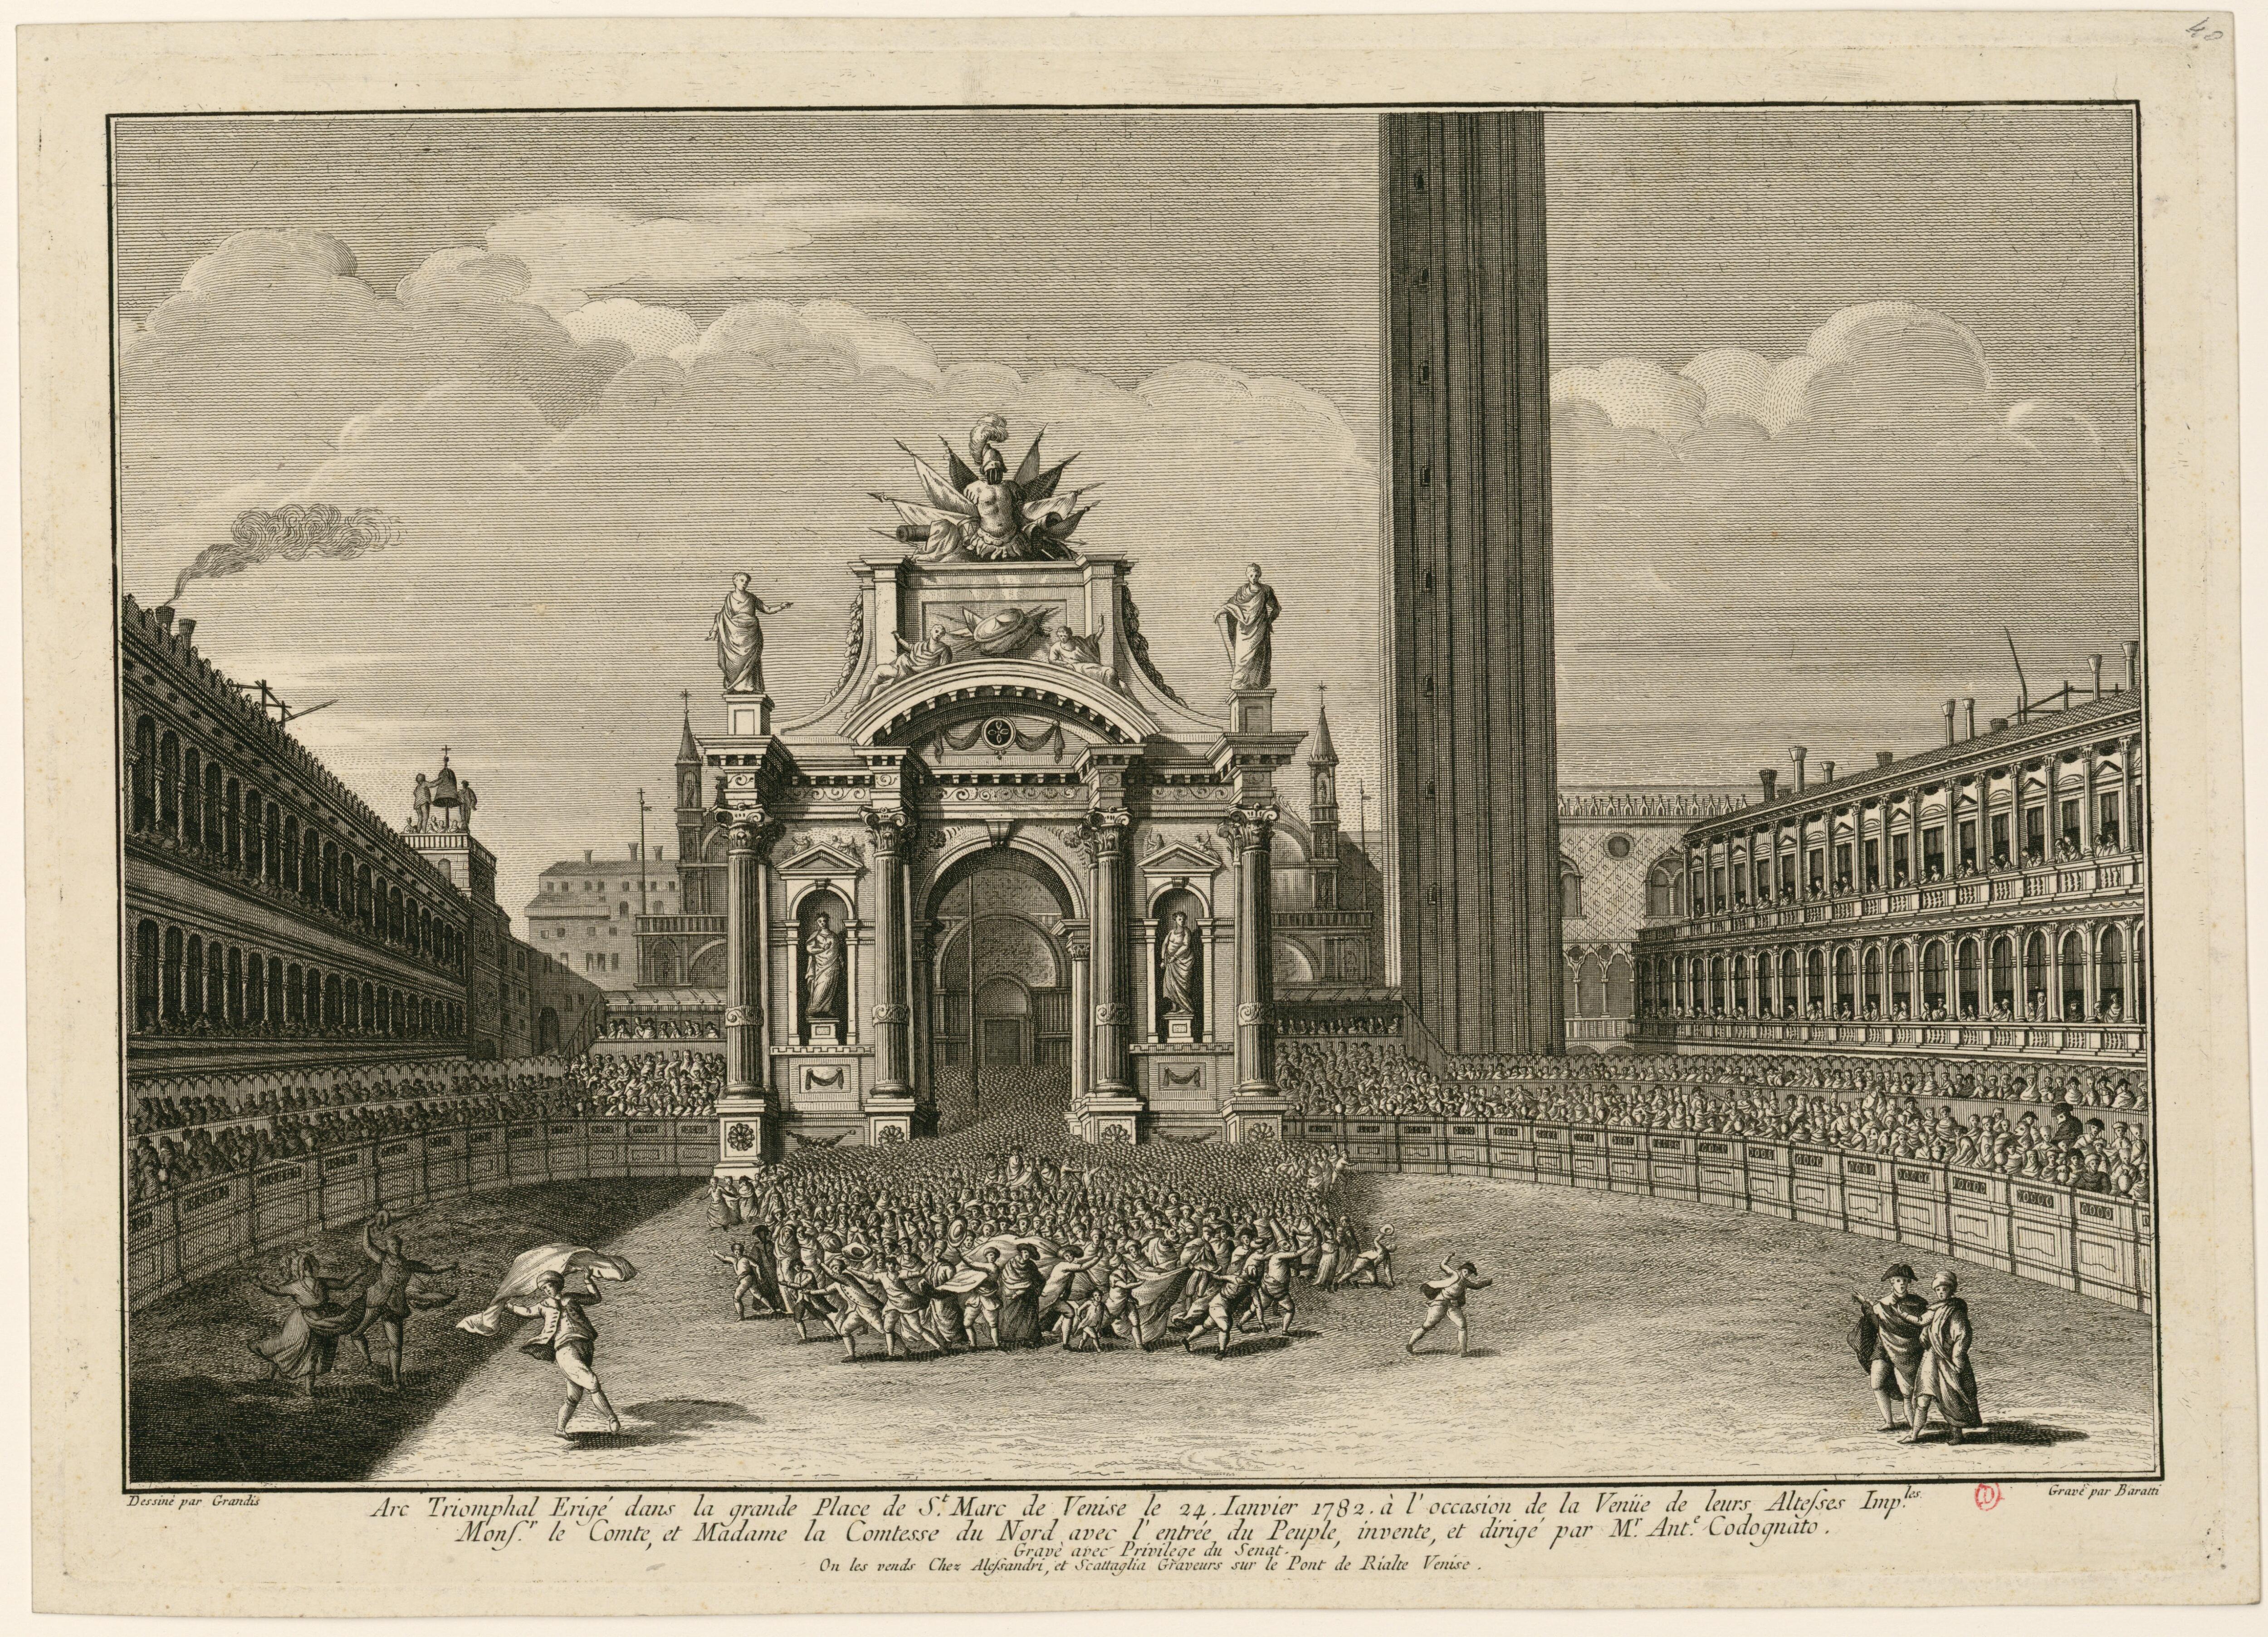 Триумфальная арка возведенная на площади Сан-Марко 24 января 1782 года по случаю прибывания Их Императорских Высочеств Монсеньора Графа и Мадам Графини Севера